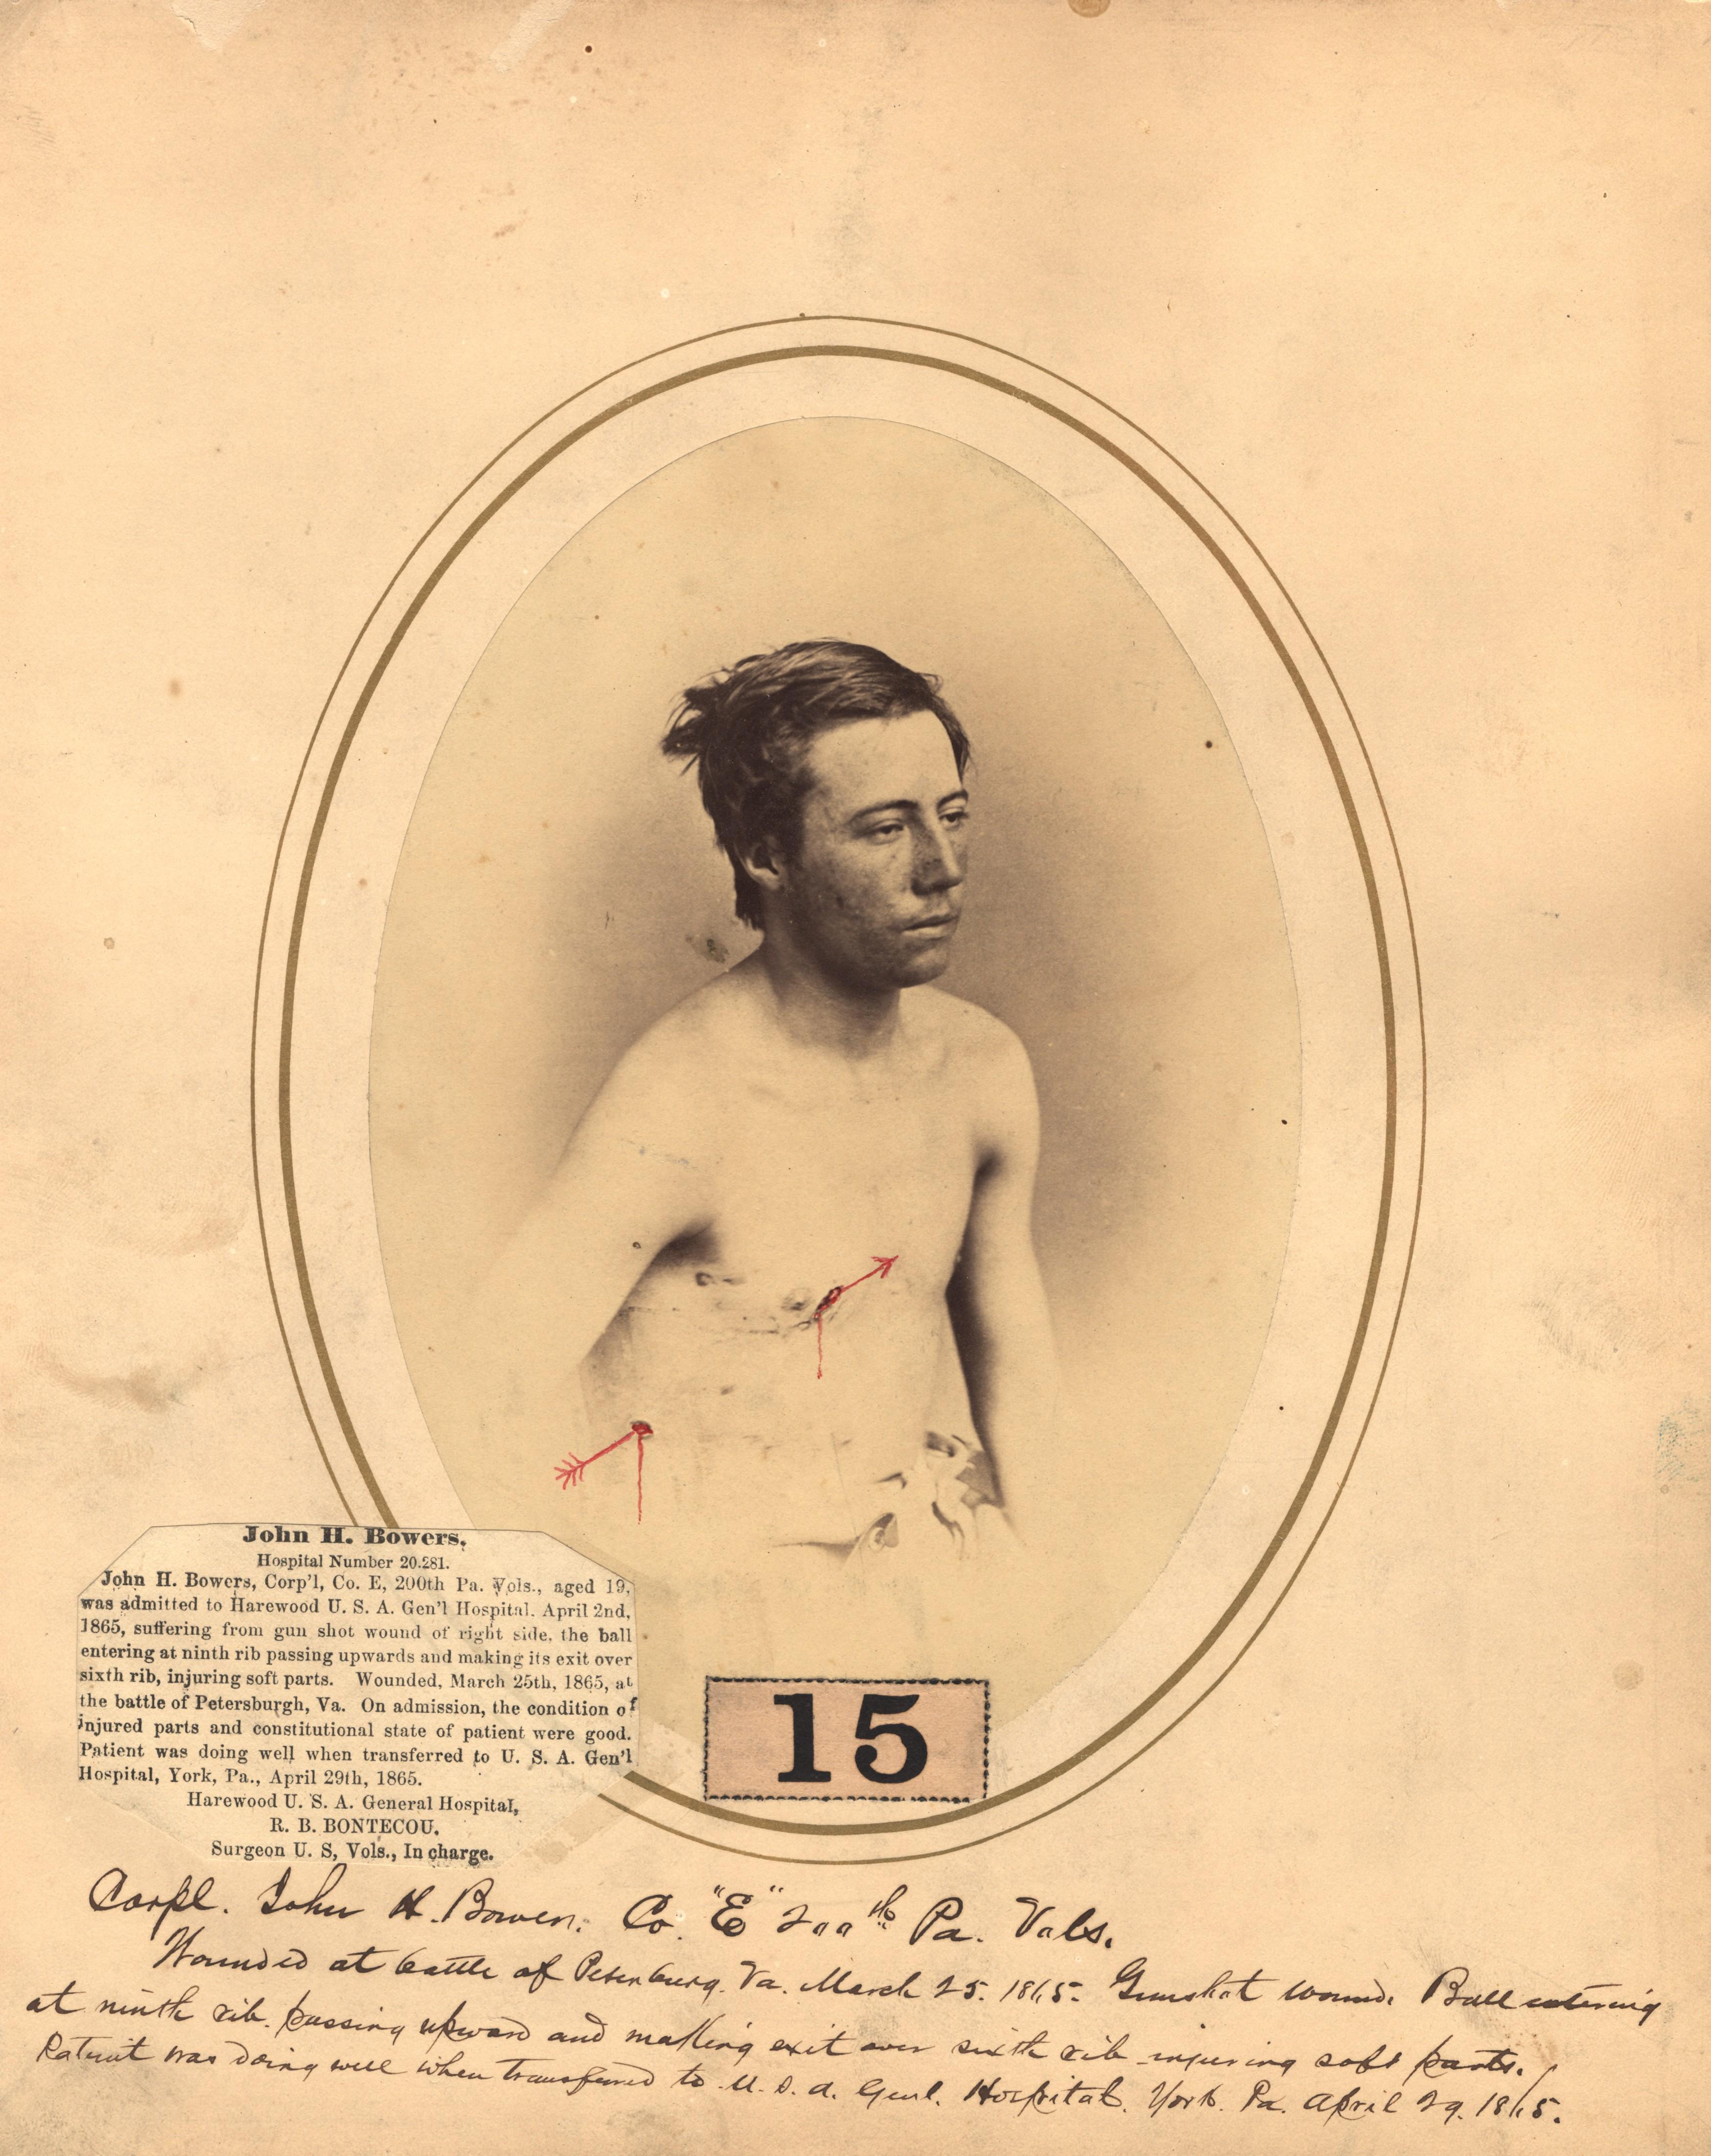 Fotó: Reed B. Bontecou: John H Bowers, 19 éves tizedes, aki 1865. március 25-én sebesült meg a Petersburgh-i csatában, The National Library of Medicine